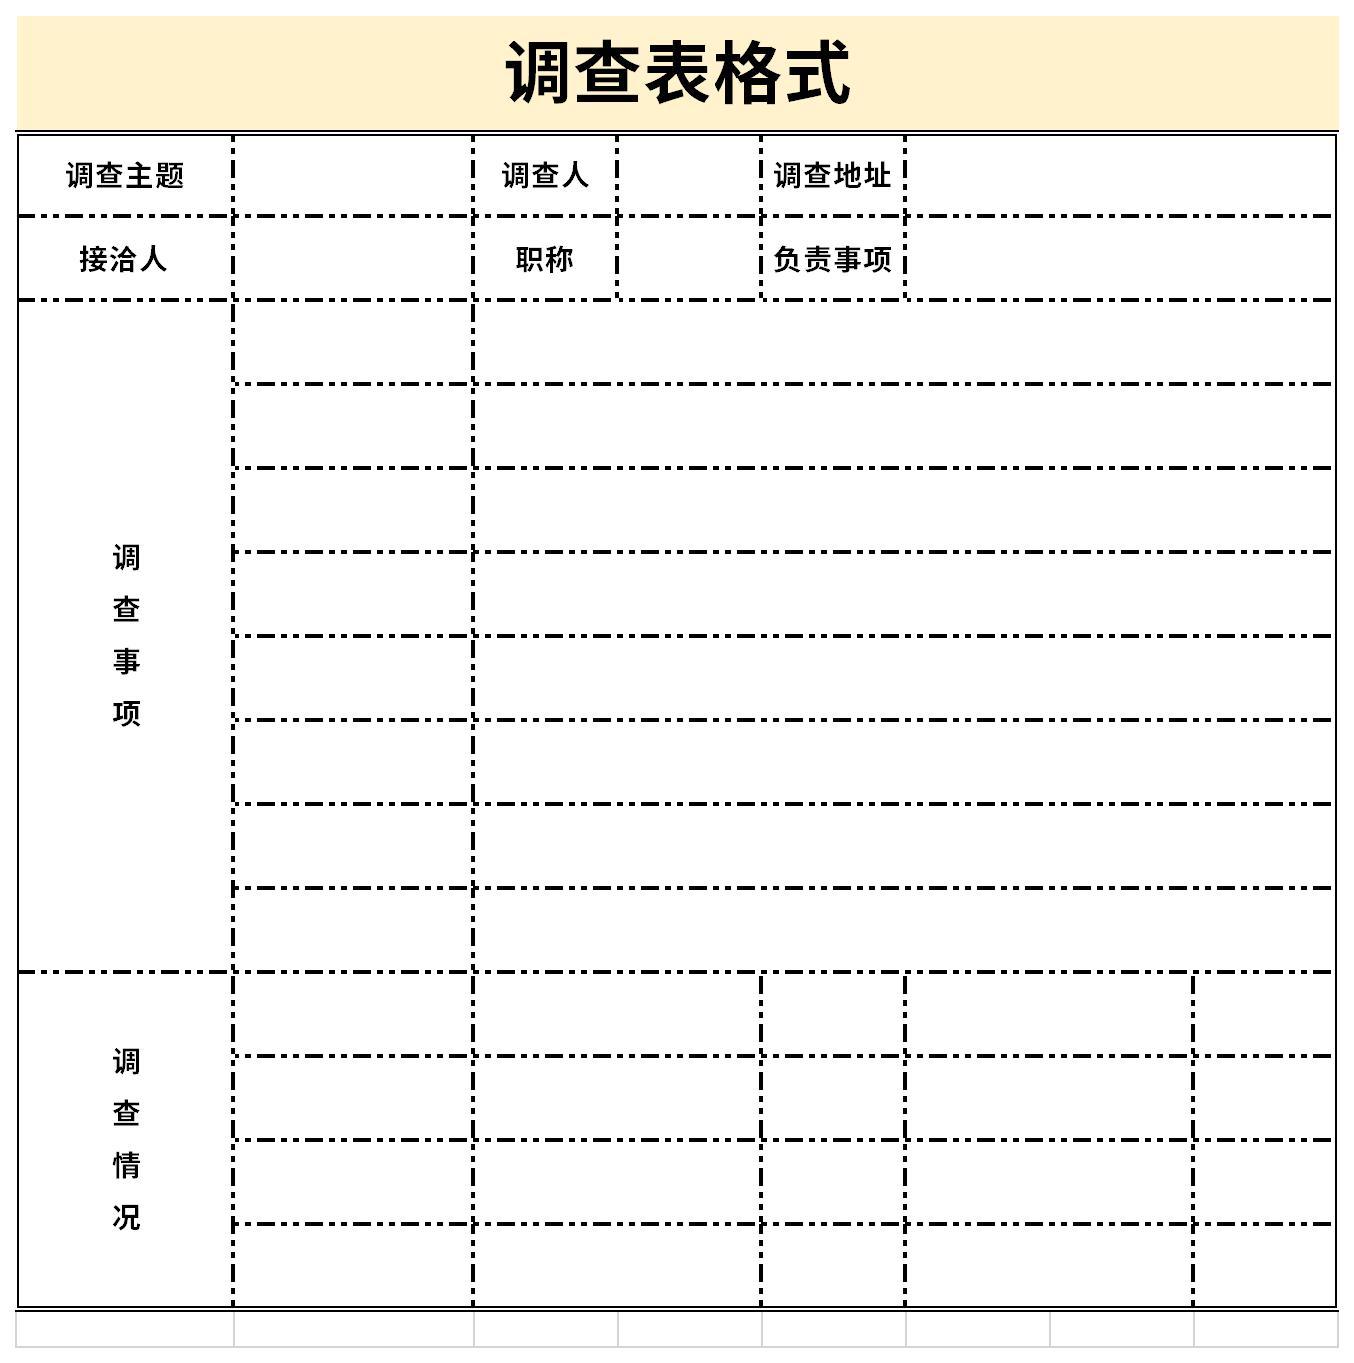 调查表表格截图